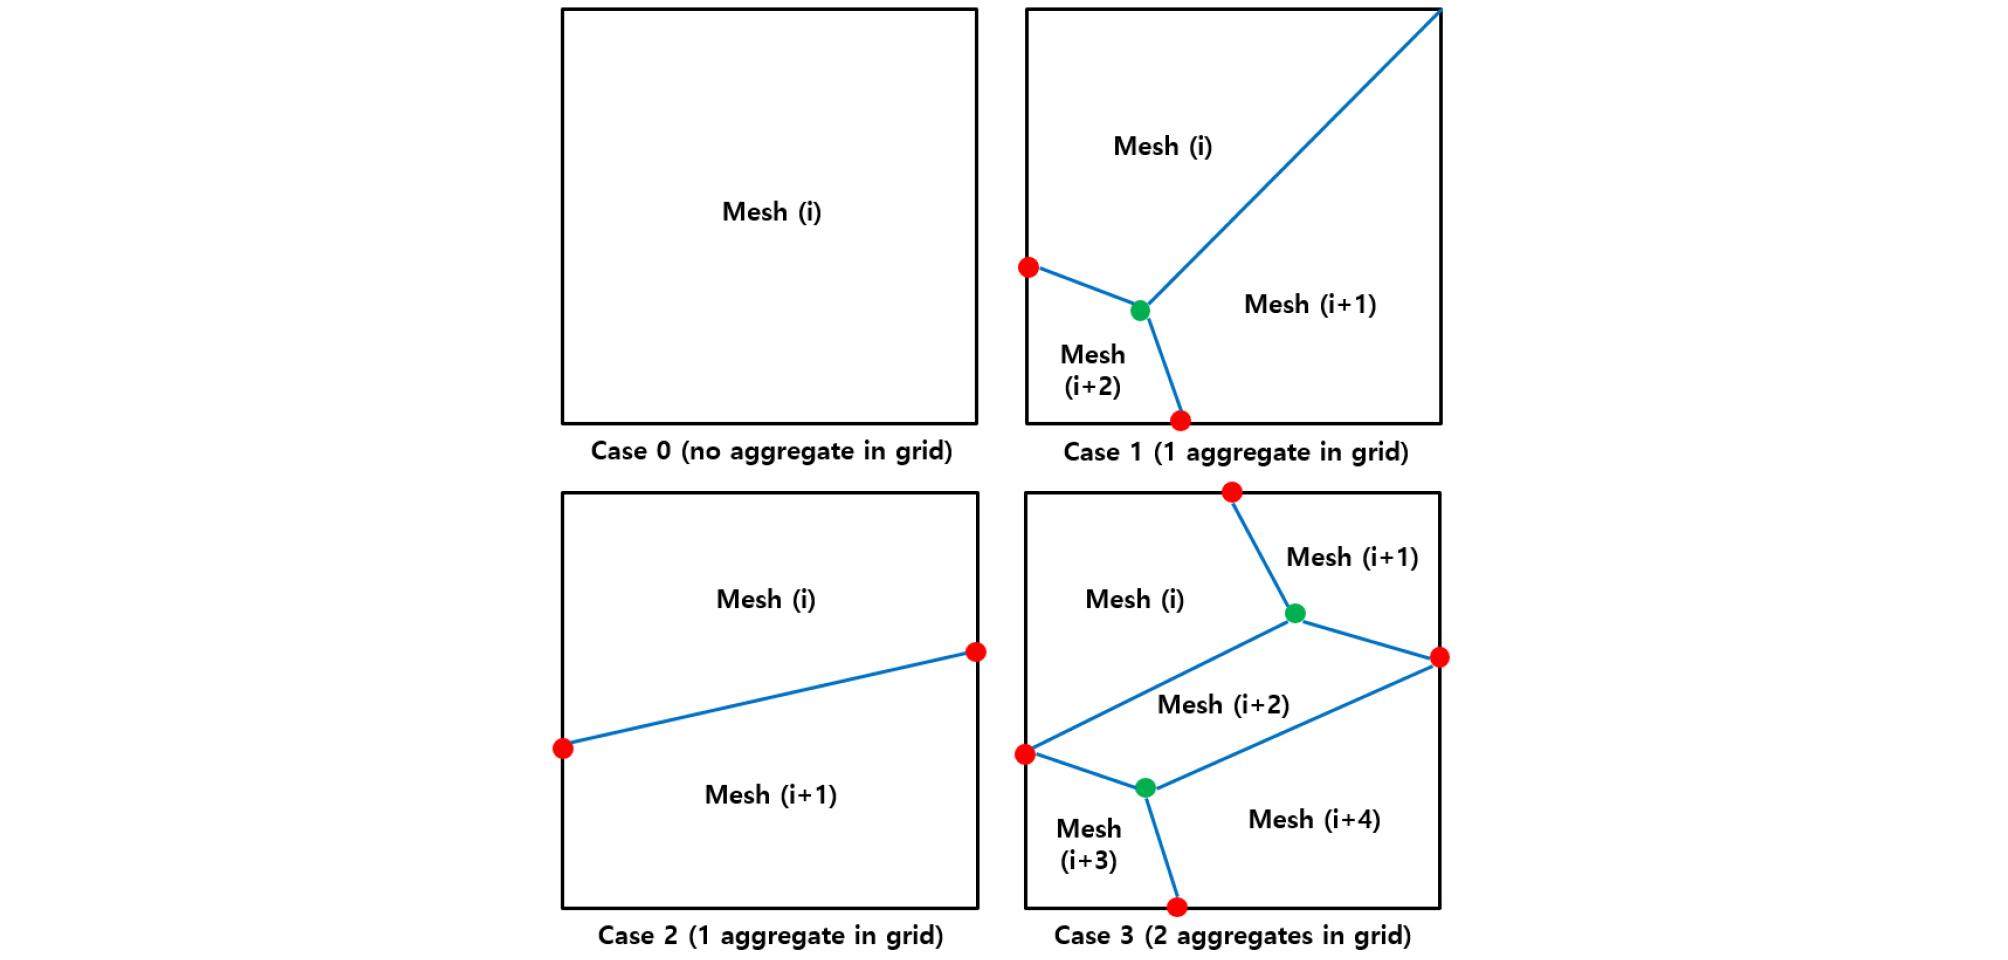 http://static.apub.kr/journalsite/sites/jcoseik/2020-033-04/N0040330403/images/Figure_jcoseik_33_04_03_F6.jpg